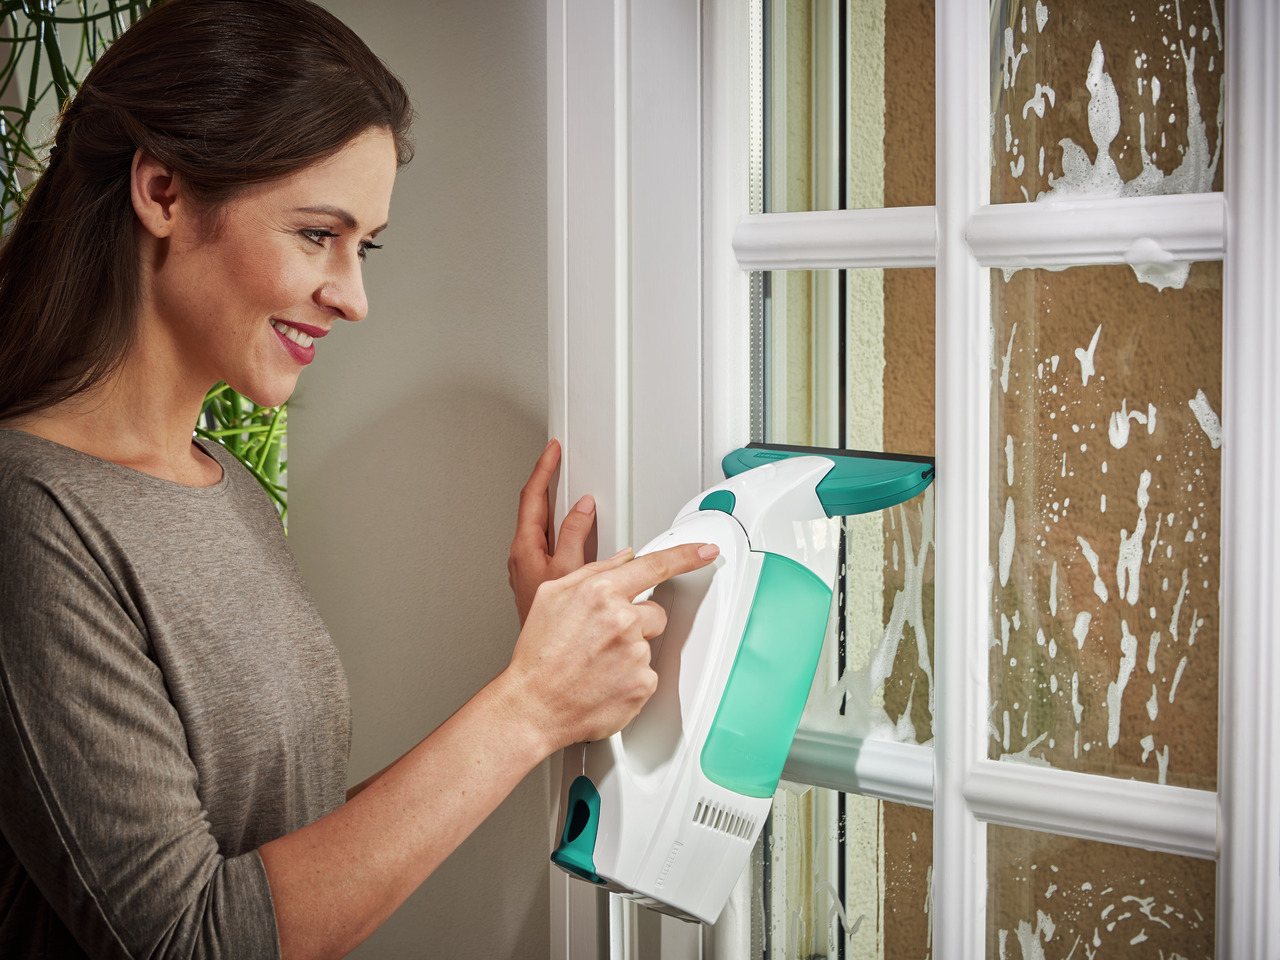 Чем лучше помыть пластиковое окно дома